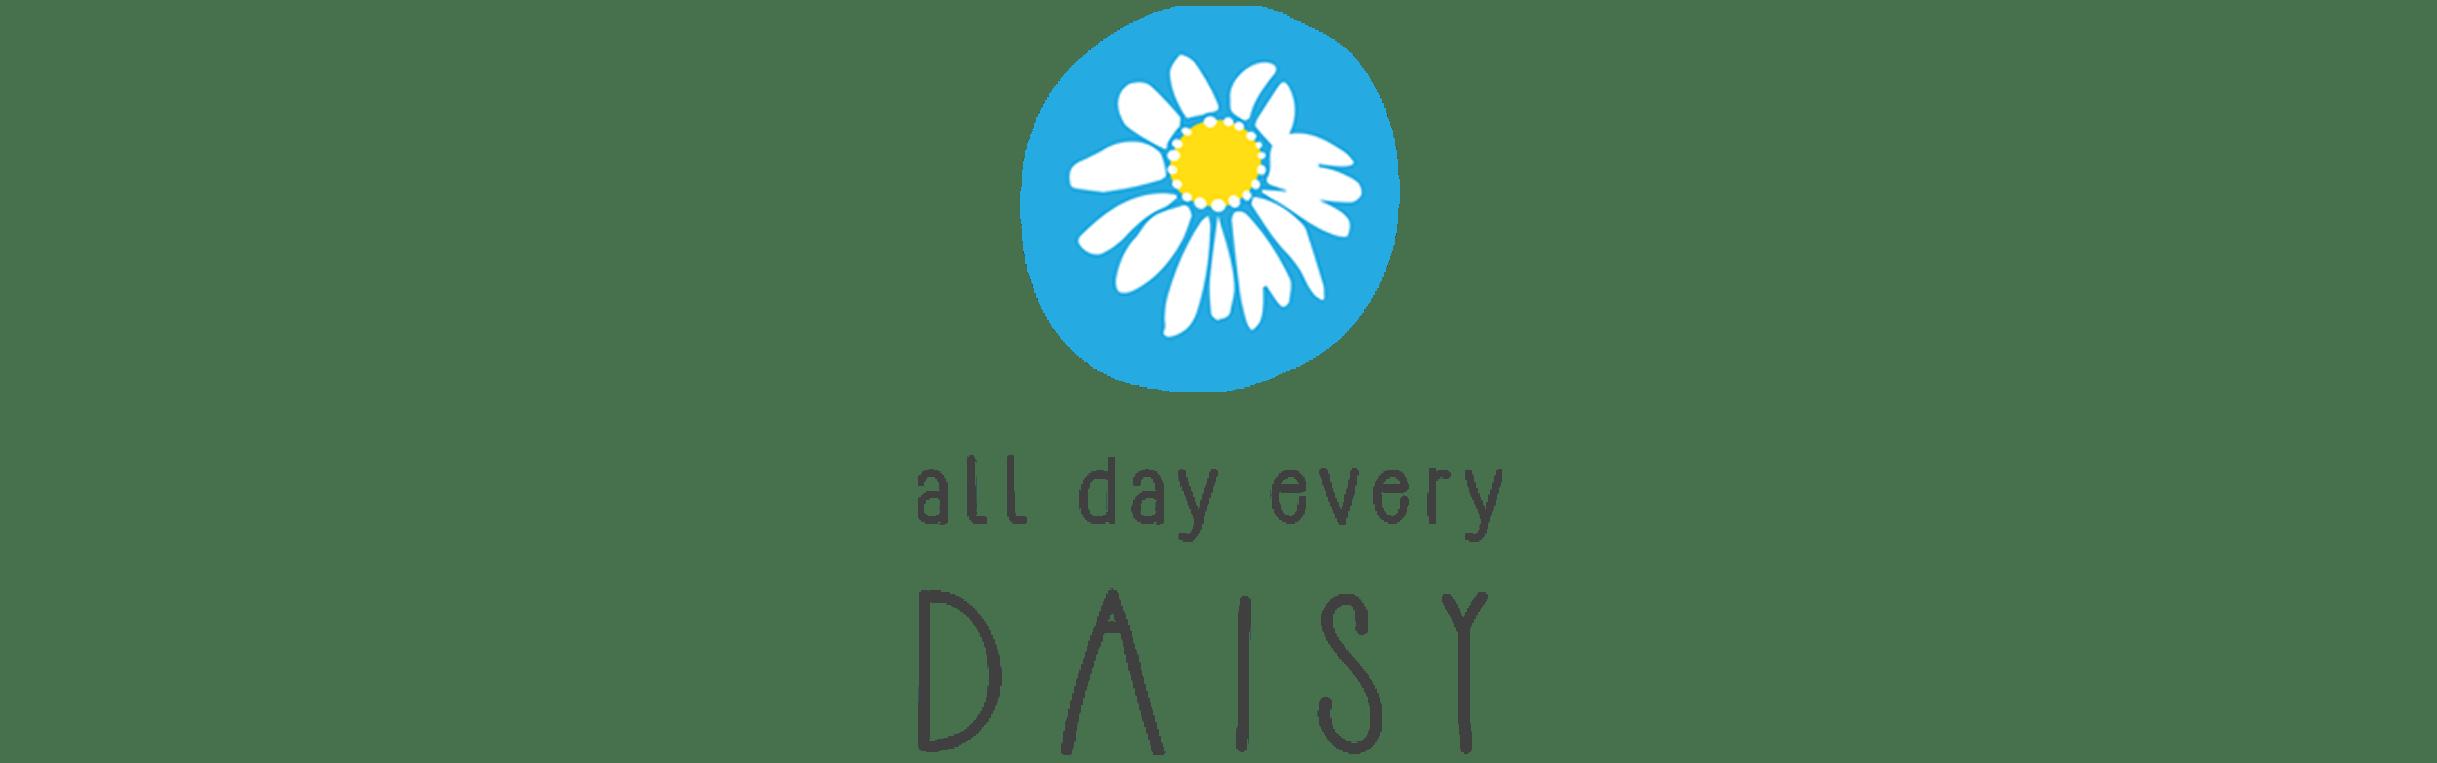 Logo All day every Daisy